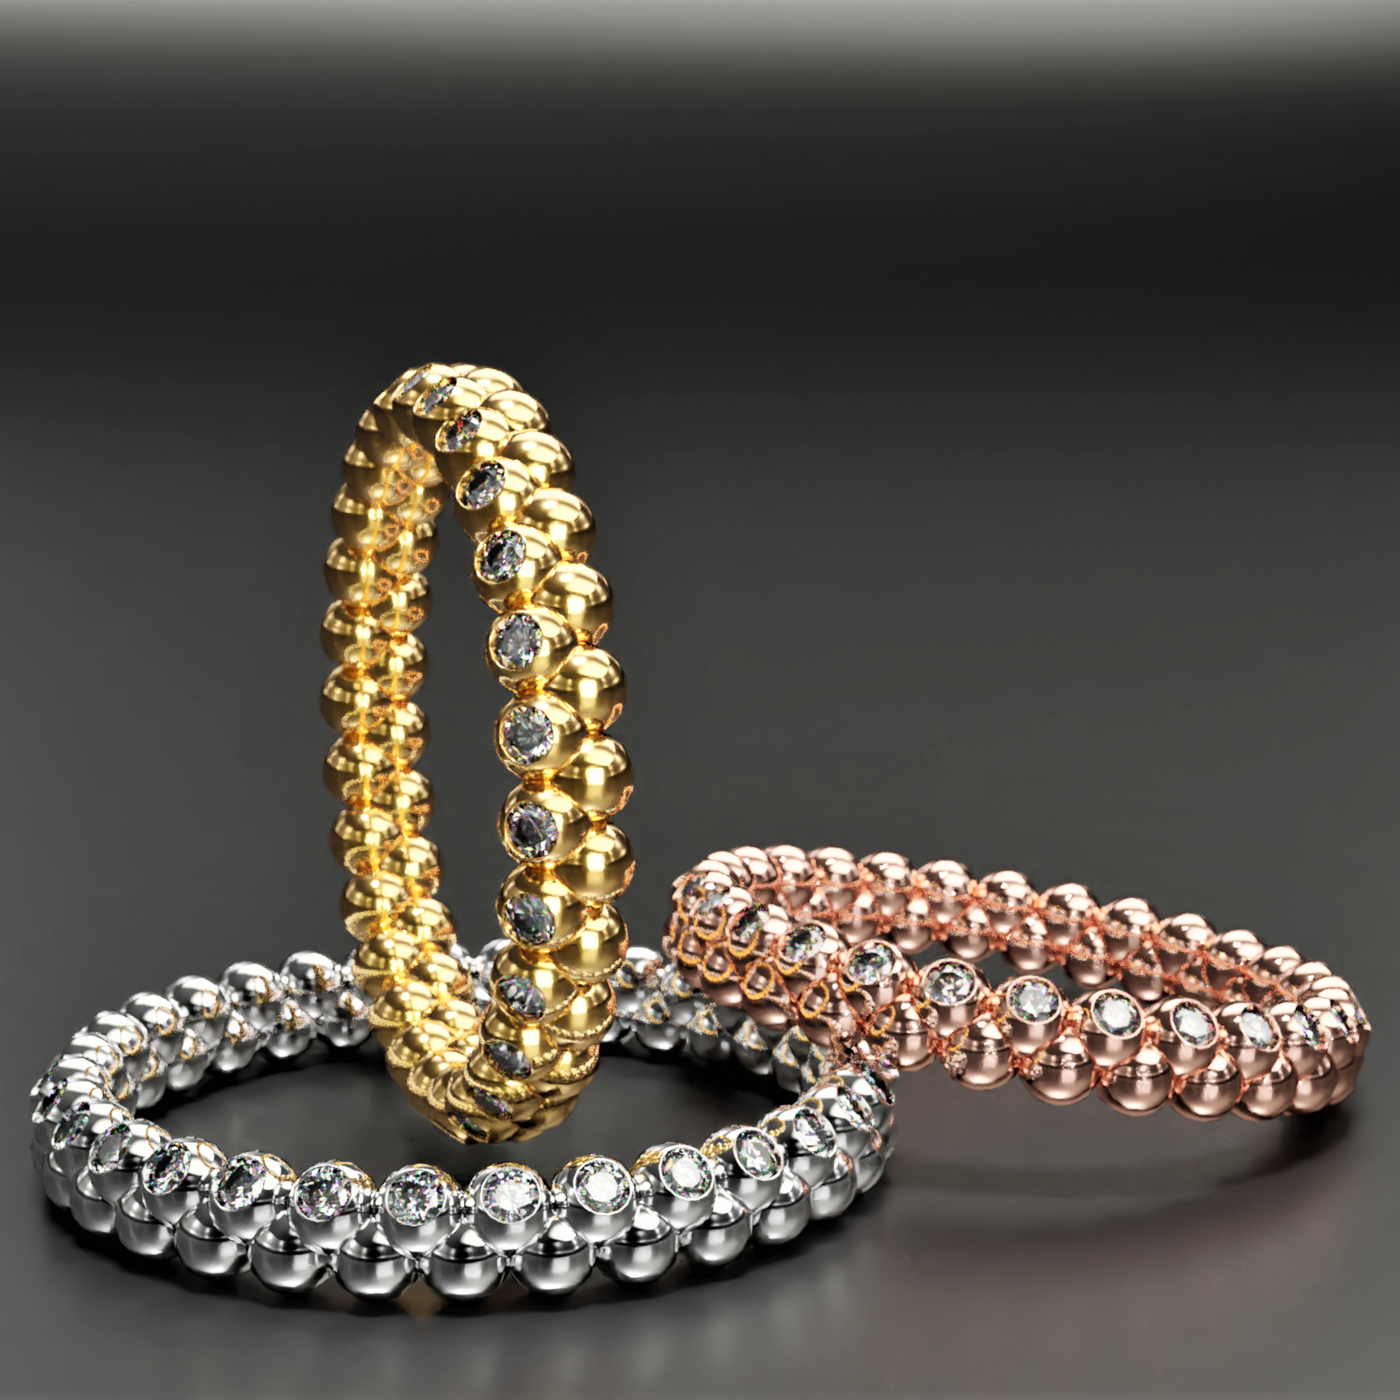 Stunning eternity ring packs